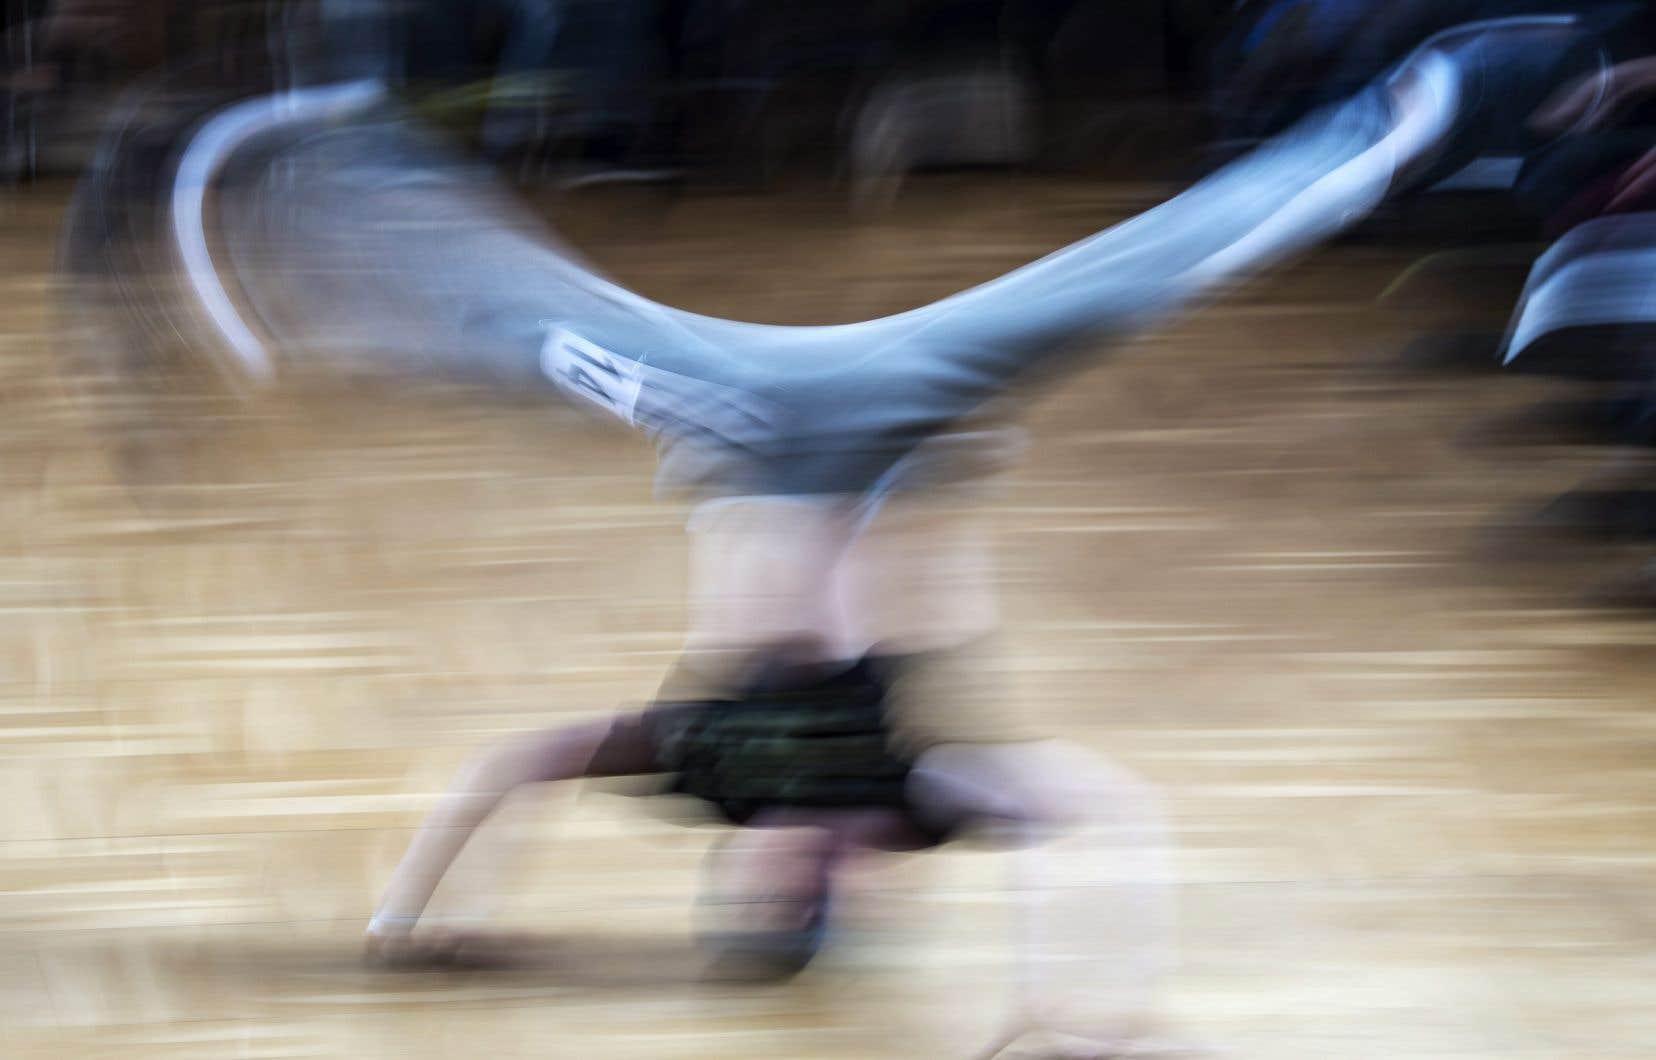 Préféré au karaté présent à Tokyo ou au billard, le breakdance (plutôt appelé «breaking» par la communauté) est emblématique de la volonté du Comité international olympique de moderniser sa grande fête du sport et rajeunir son audience